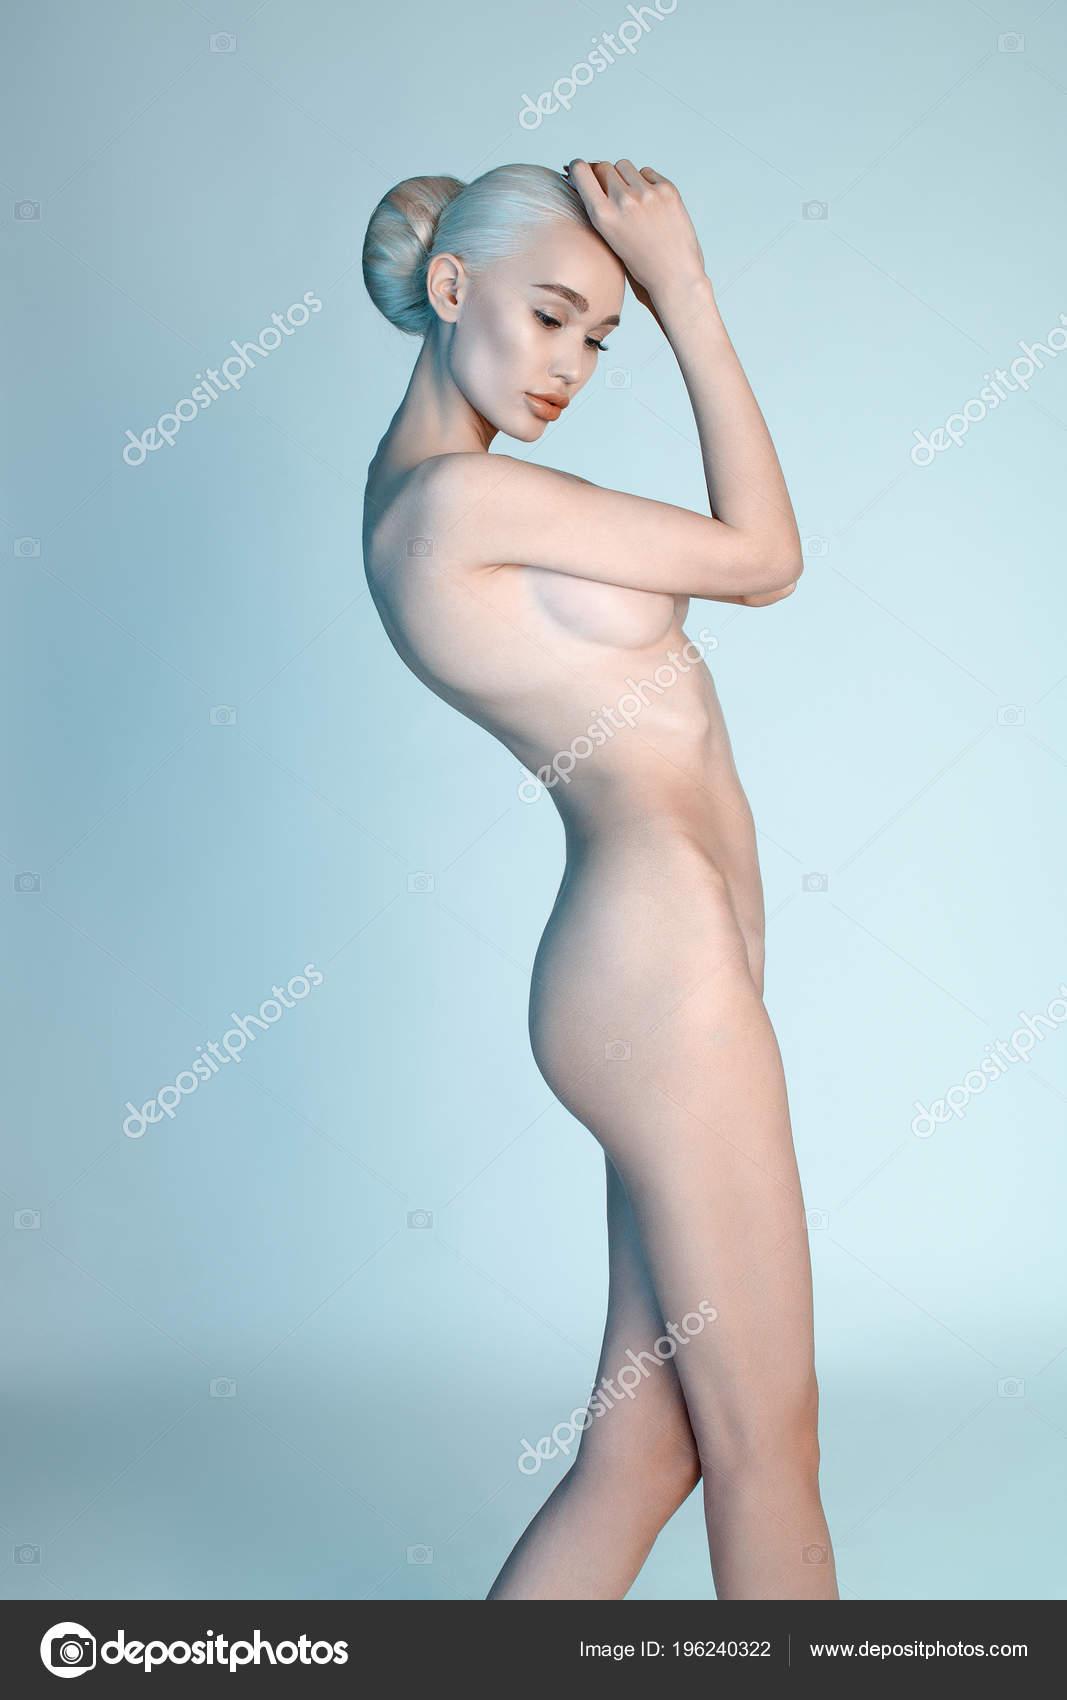 γυμνό και σέξι εικόνες